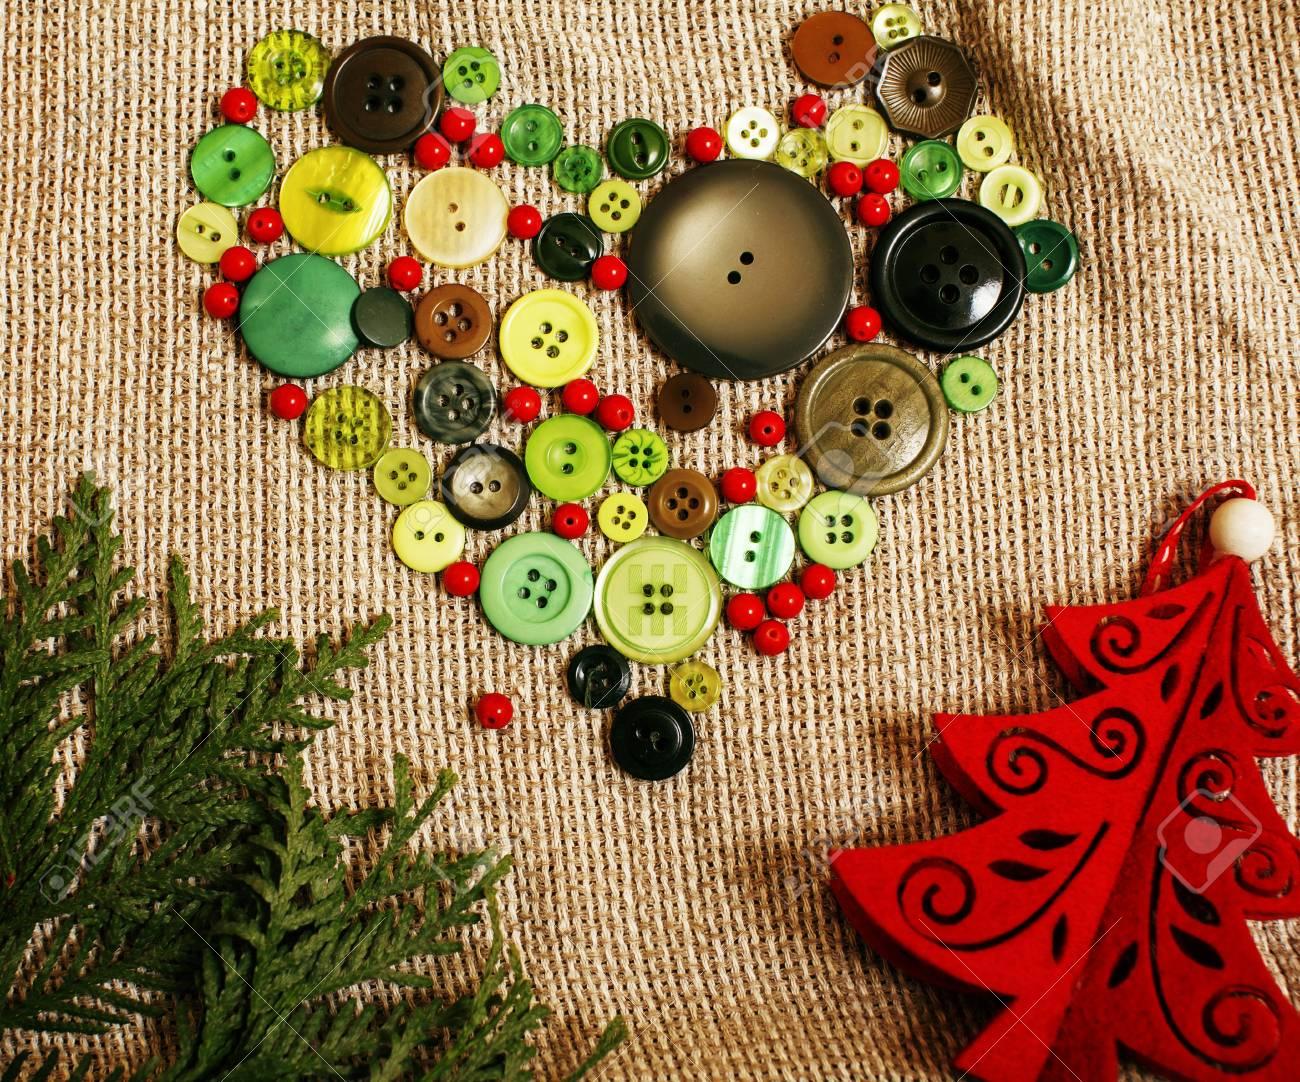 Cadeaux De Noël Faits à La Main En Désordre Avec Des Jouets Bougies